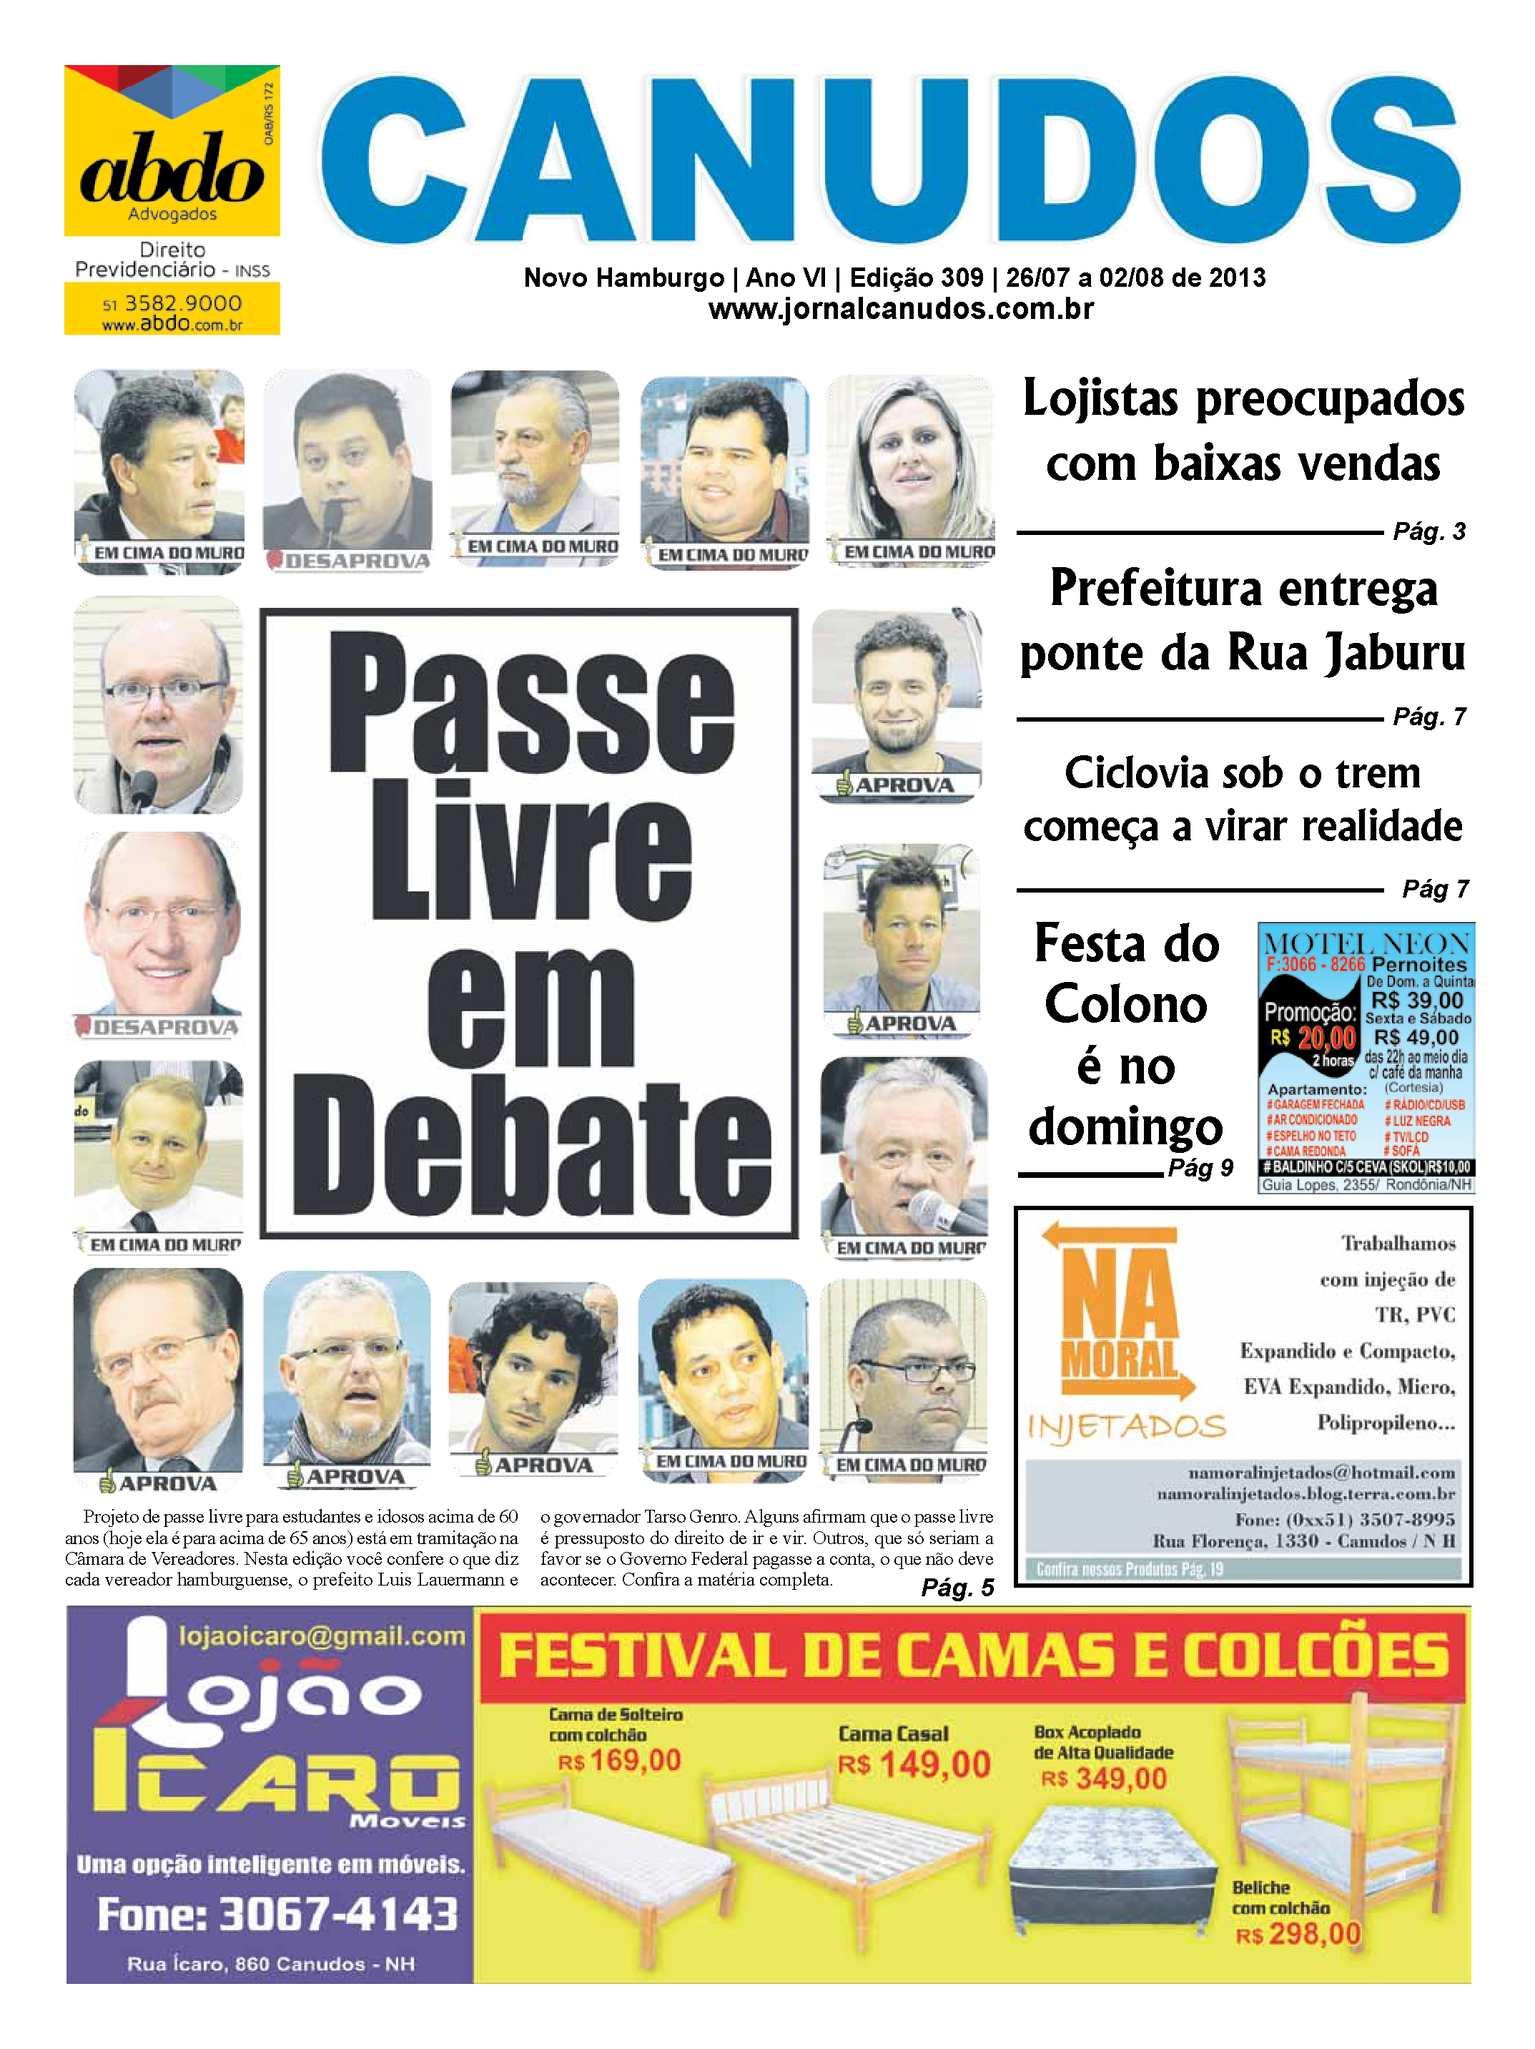 Calaméo - Jornal Canudos - Edição 309 68f62a3cf5e8a